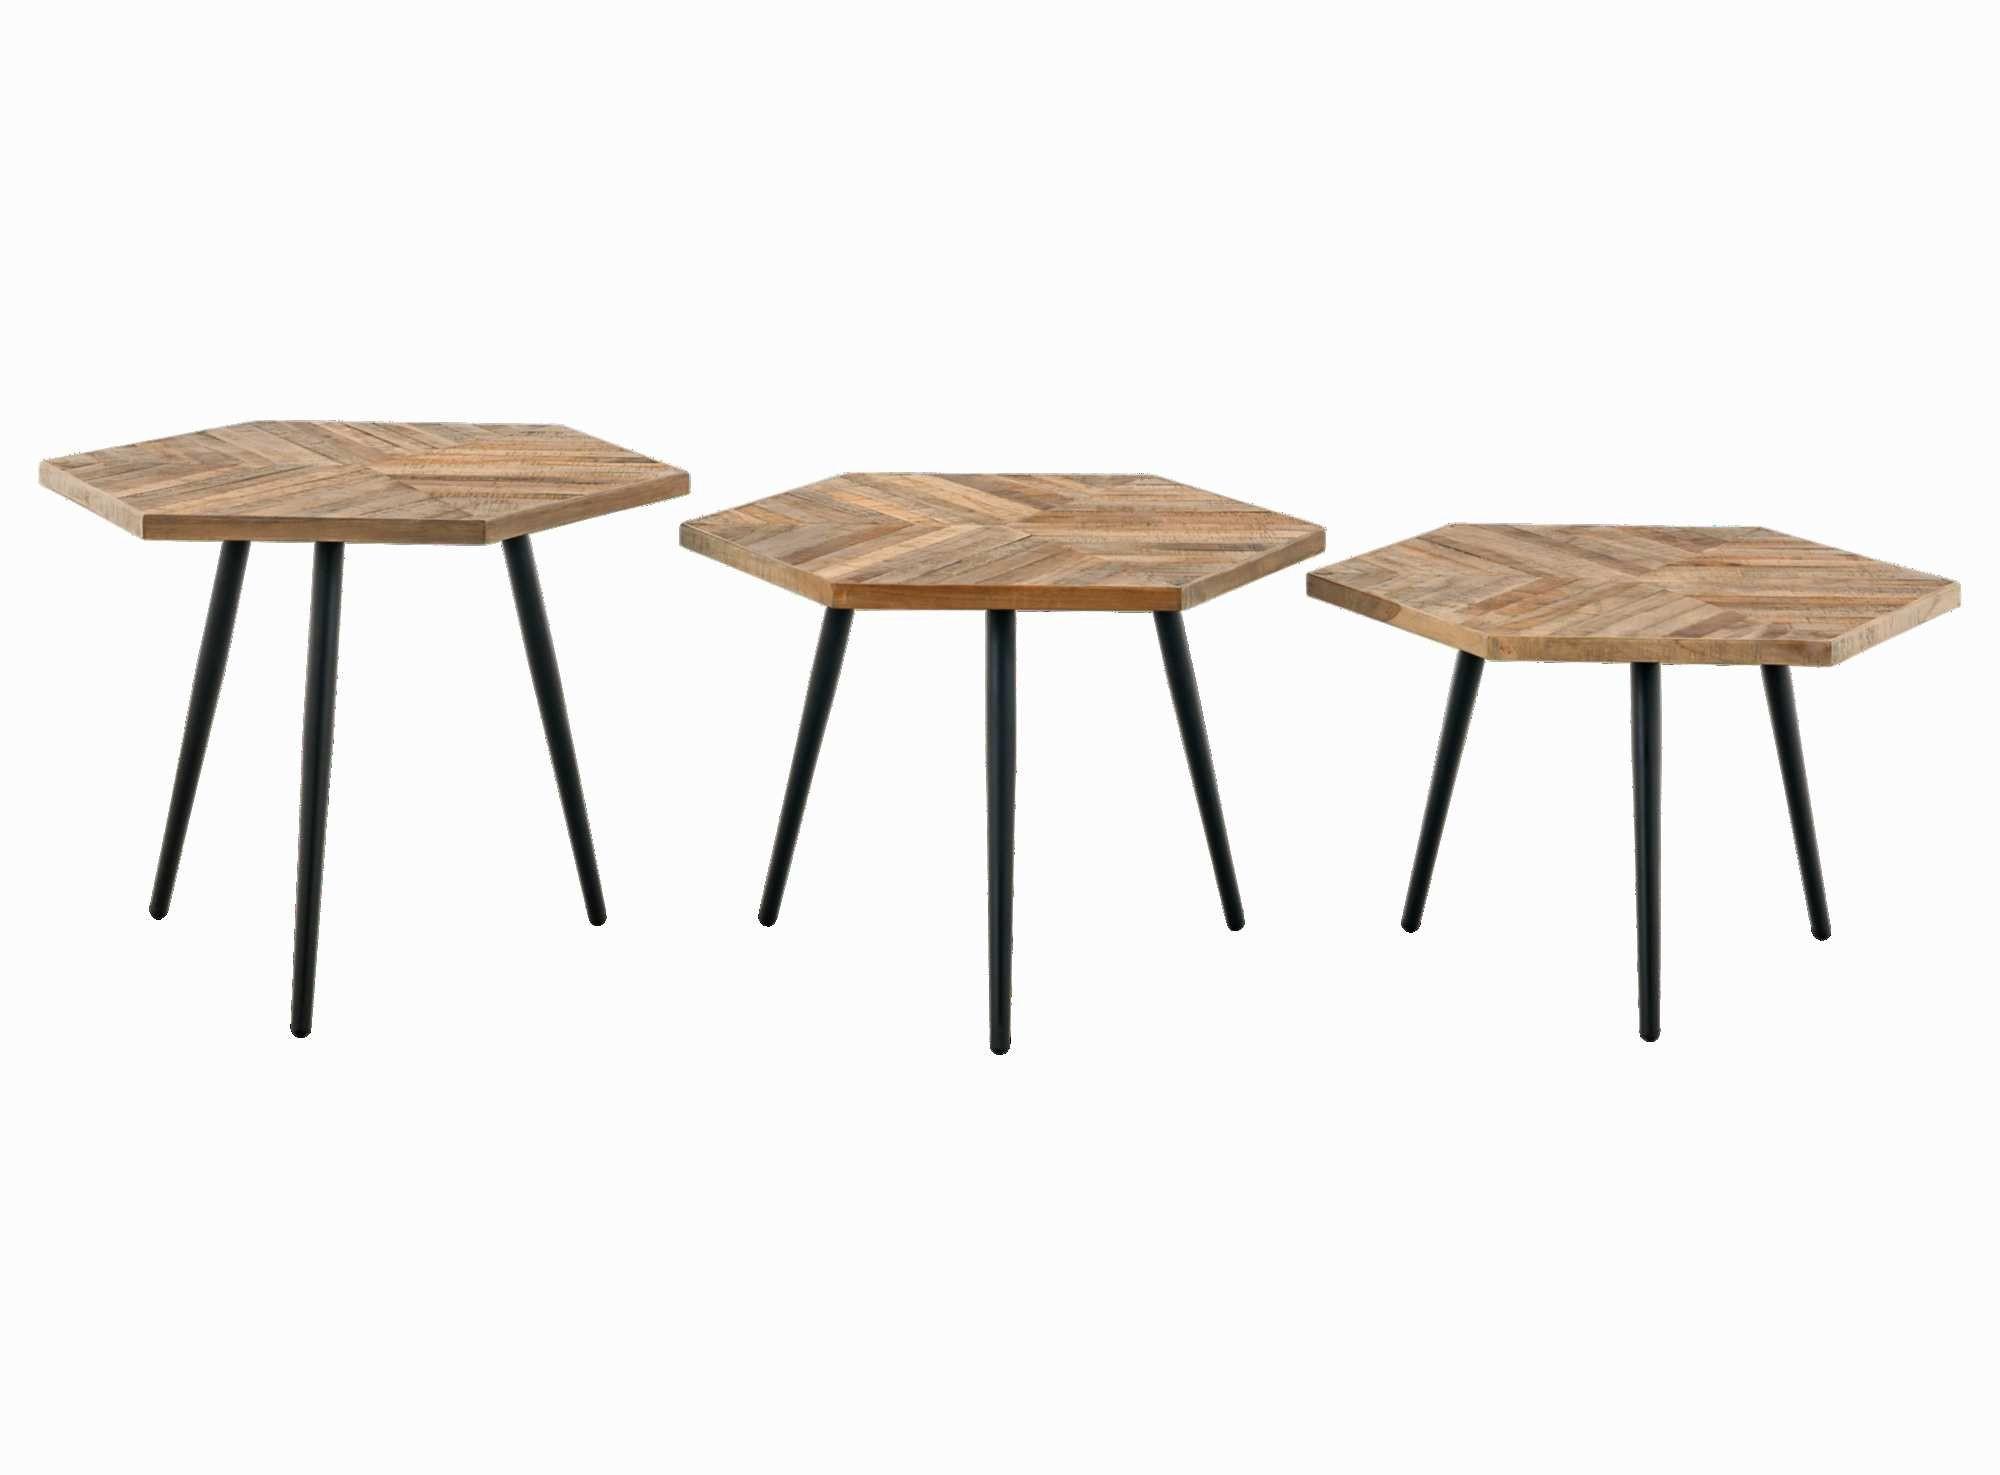 meuble de jardin pas cher meubles de jardin design ou meuble tv luxe unique aix meubles 0d of meuble de jardin pas cher